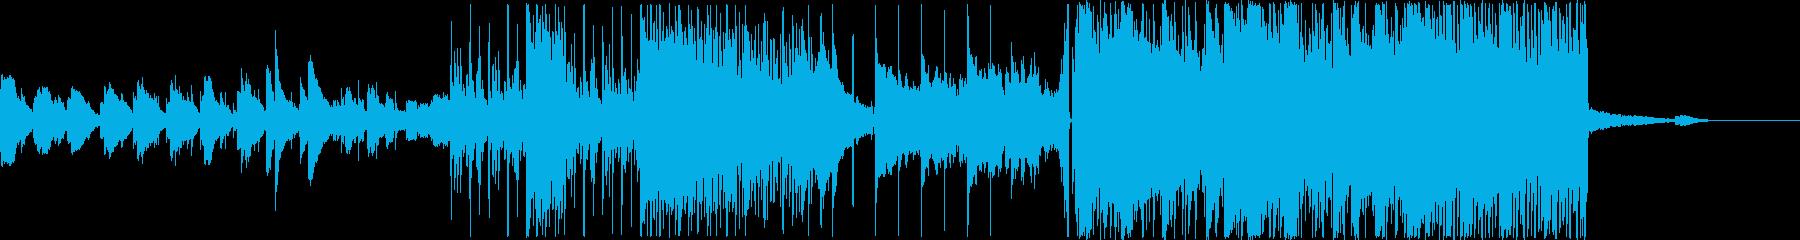 夏や海をイメージした感動系ピアノエピックの再生済みの波形